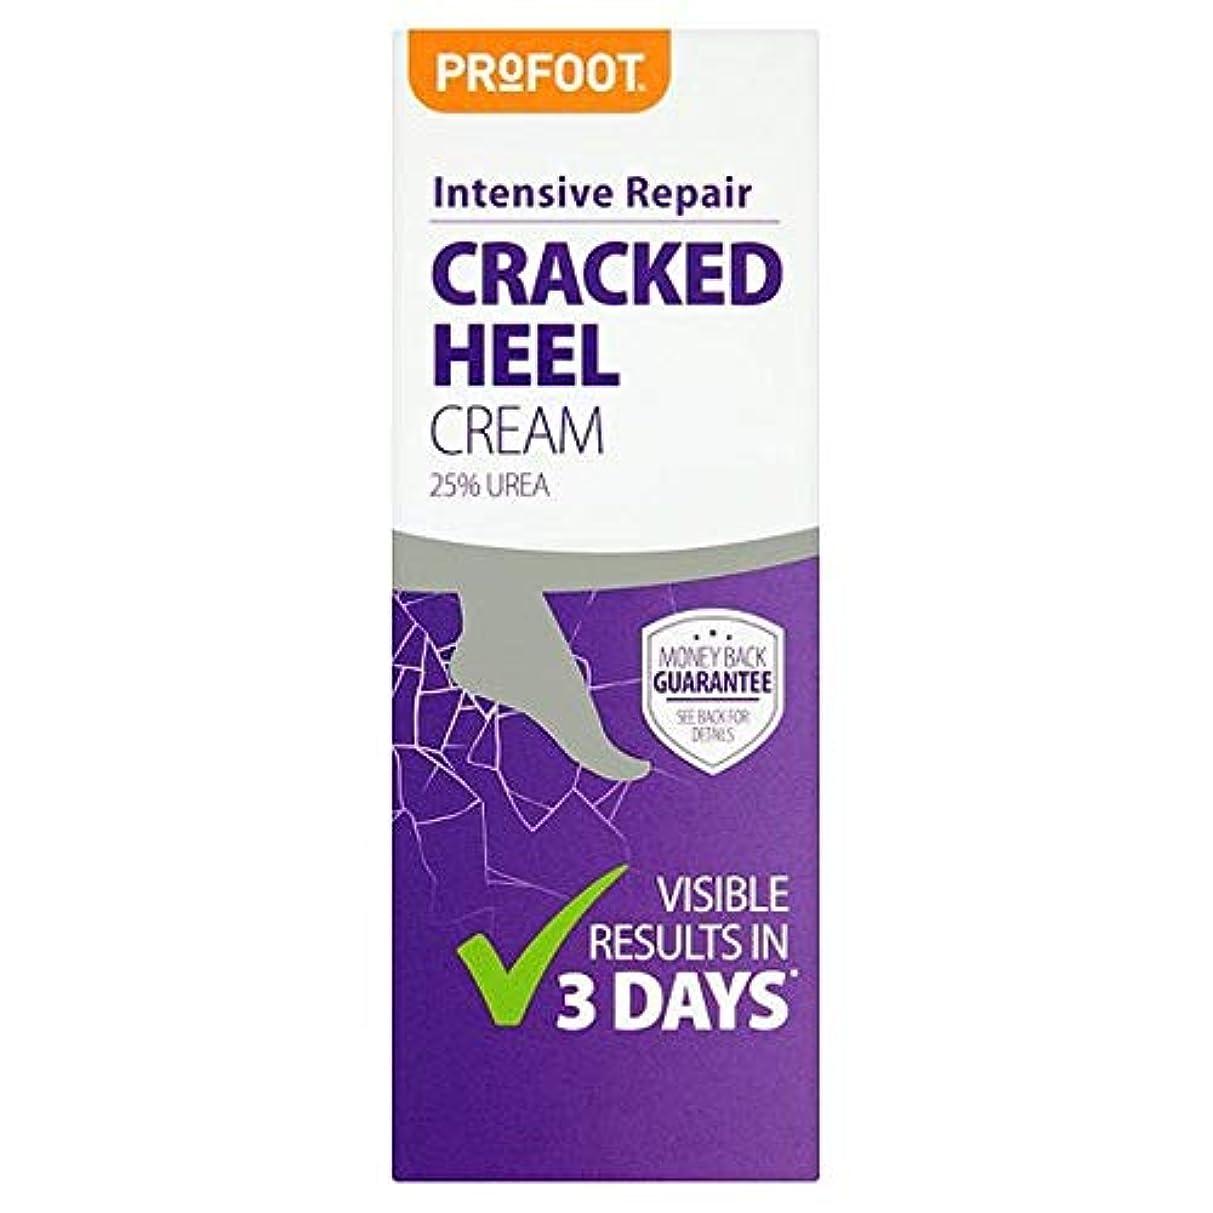 ぼんやりした意気消沈した炎上[Profoot] Profootひび割れかかとクリーム60ミリリットル - Profoot Cracked Heel Cream 60Ml [並行輸入品]